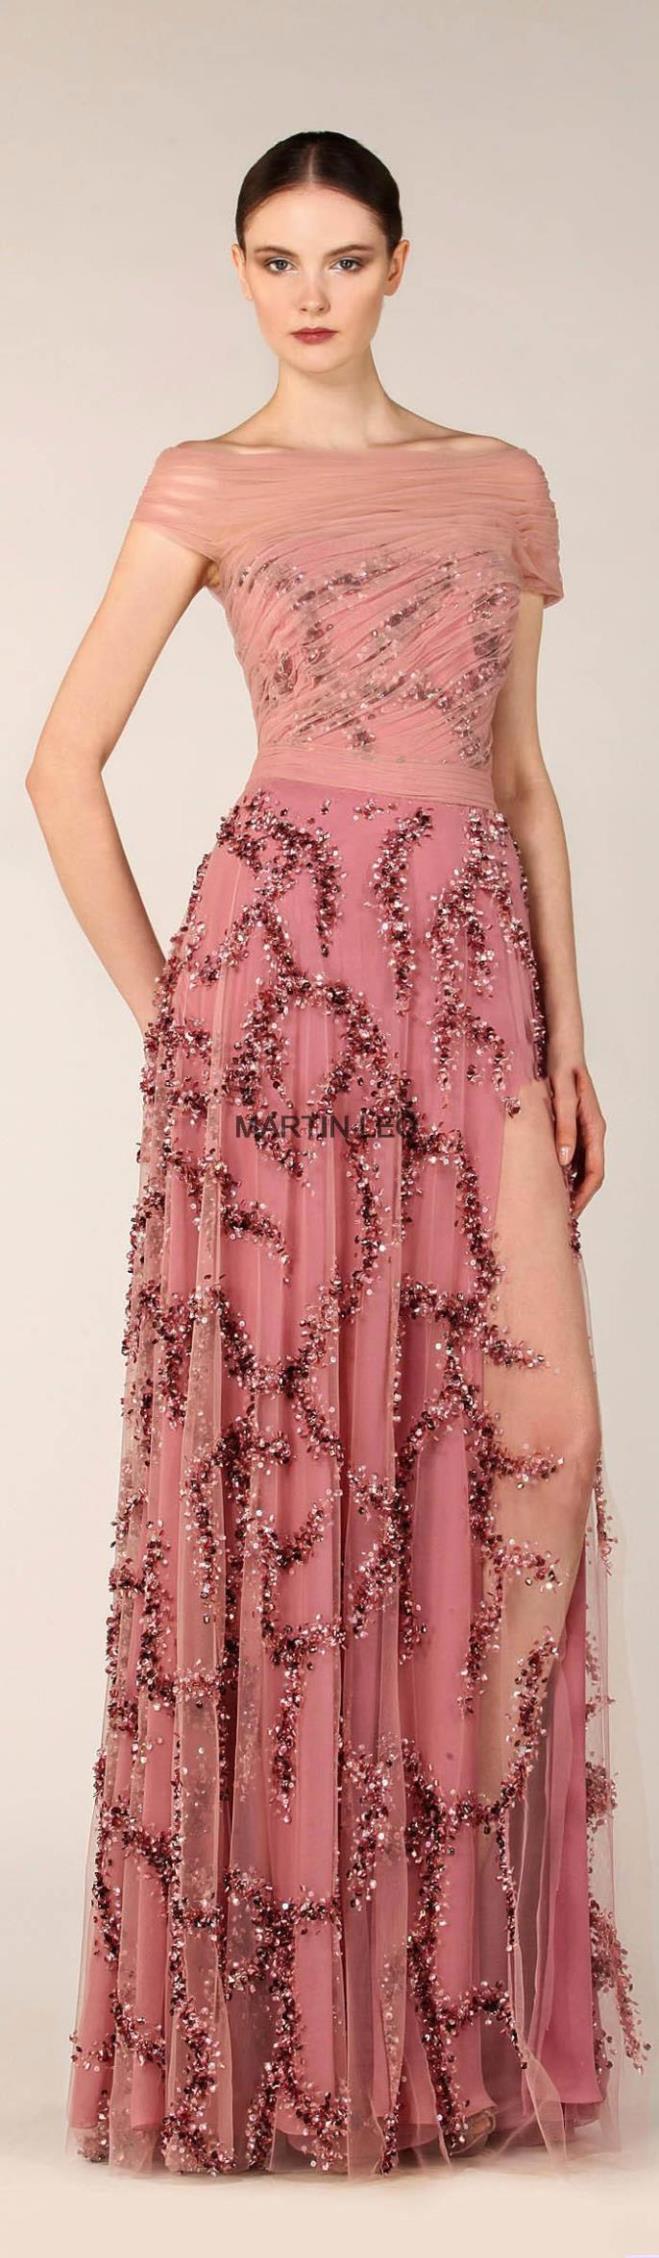 Compra vestidos largos de fiesta elegante online al por mayor de ...